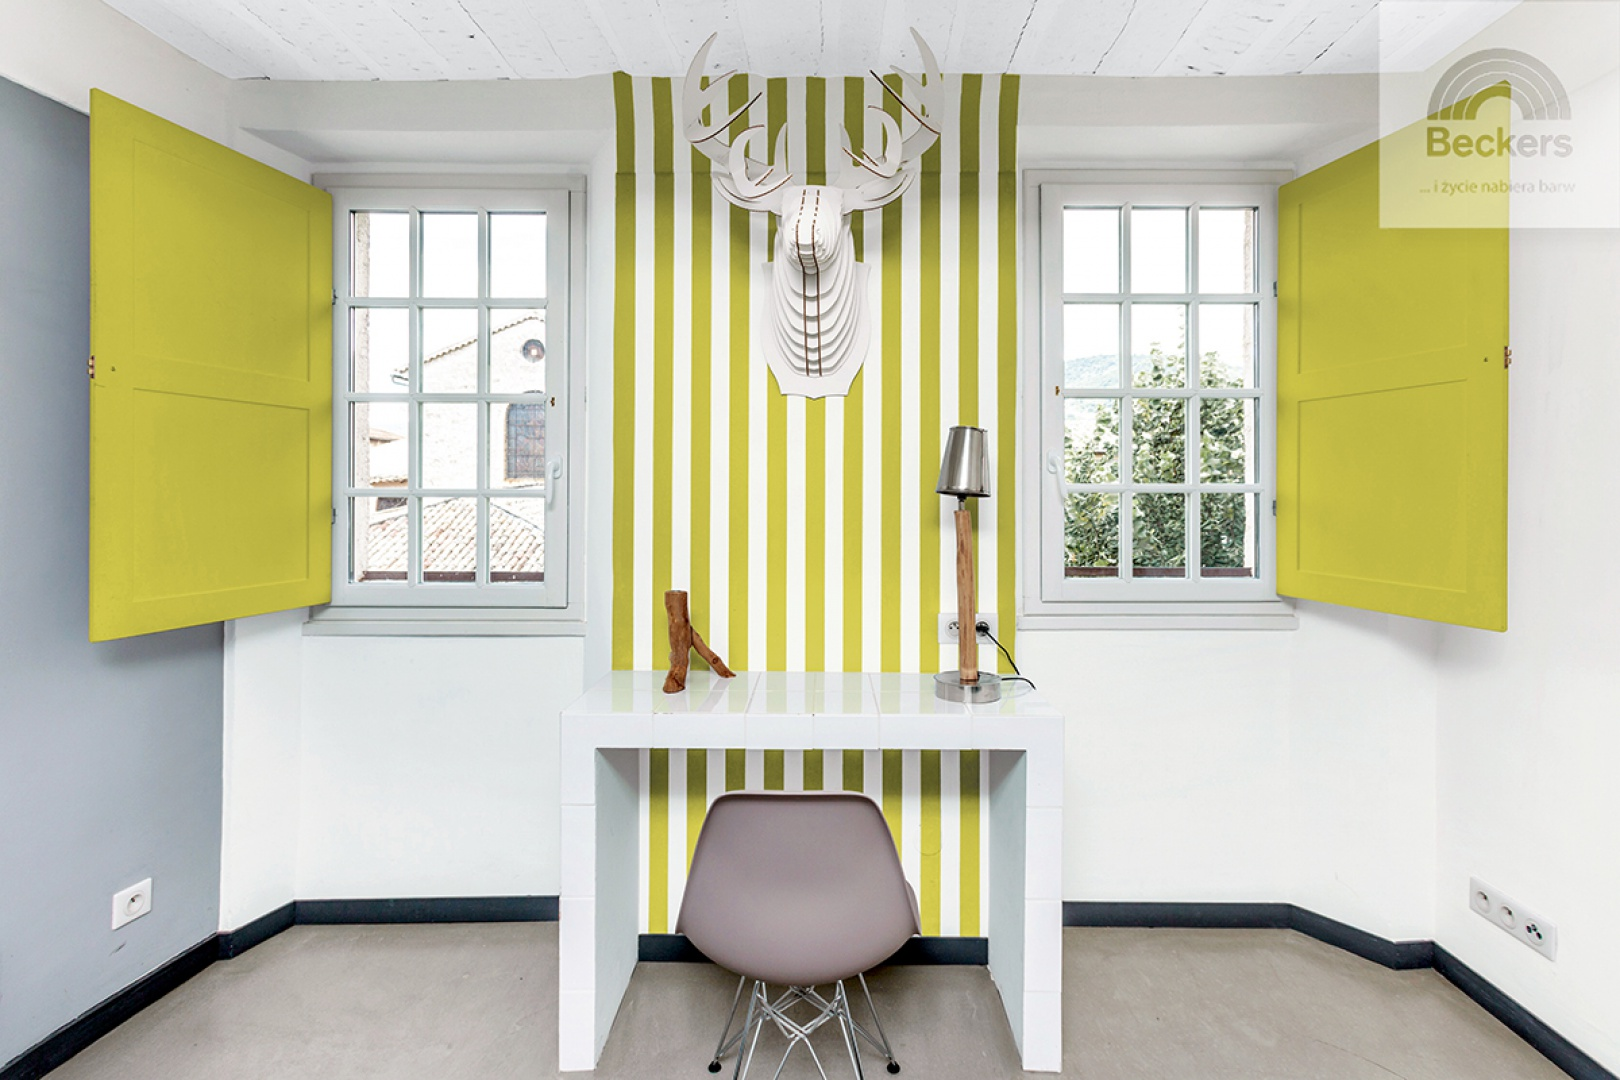 Beckers dzieli się kilkoma pomysłami na designerskie szarości w różnych odcieniach, zadając kłam przekonaniu, że szary jest nudny i ponury. Beckers Designer Colour, kolory Silver Pearl i Wasabi.